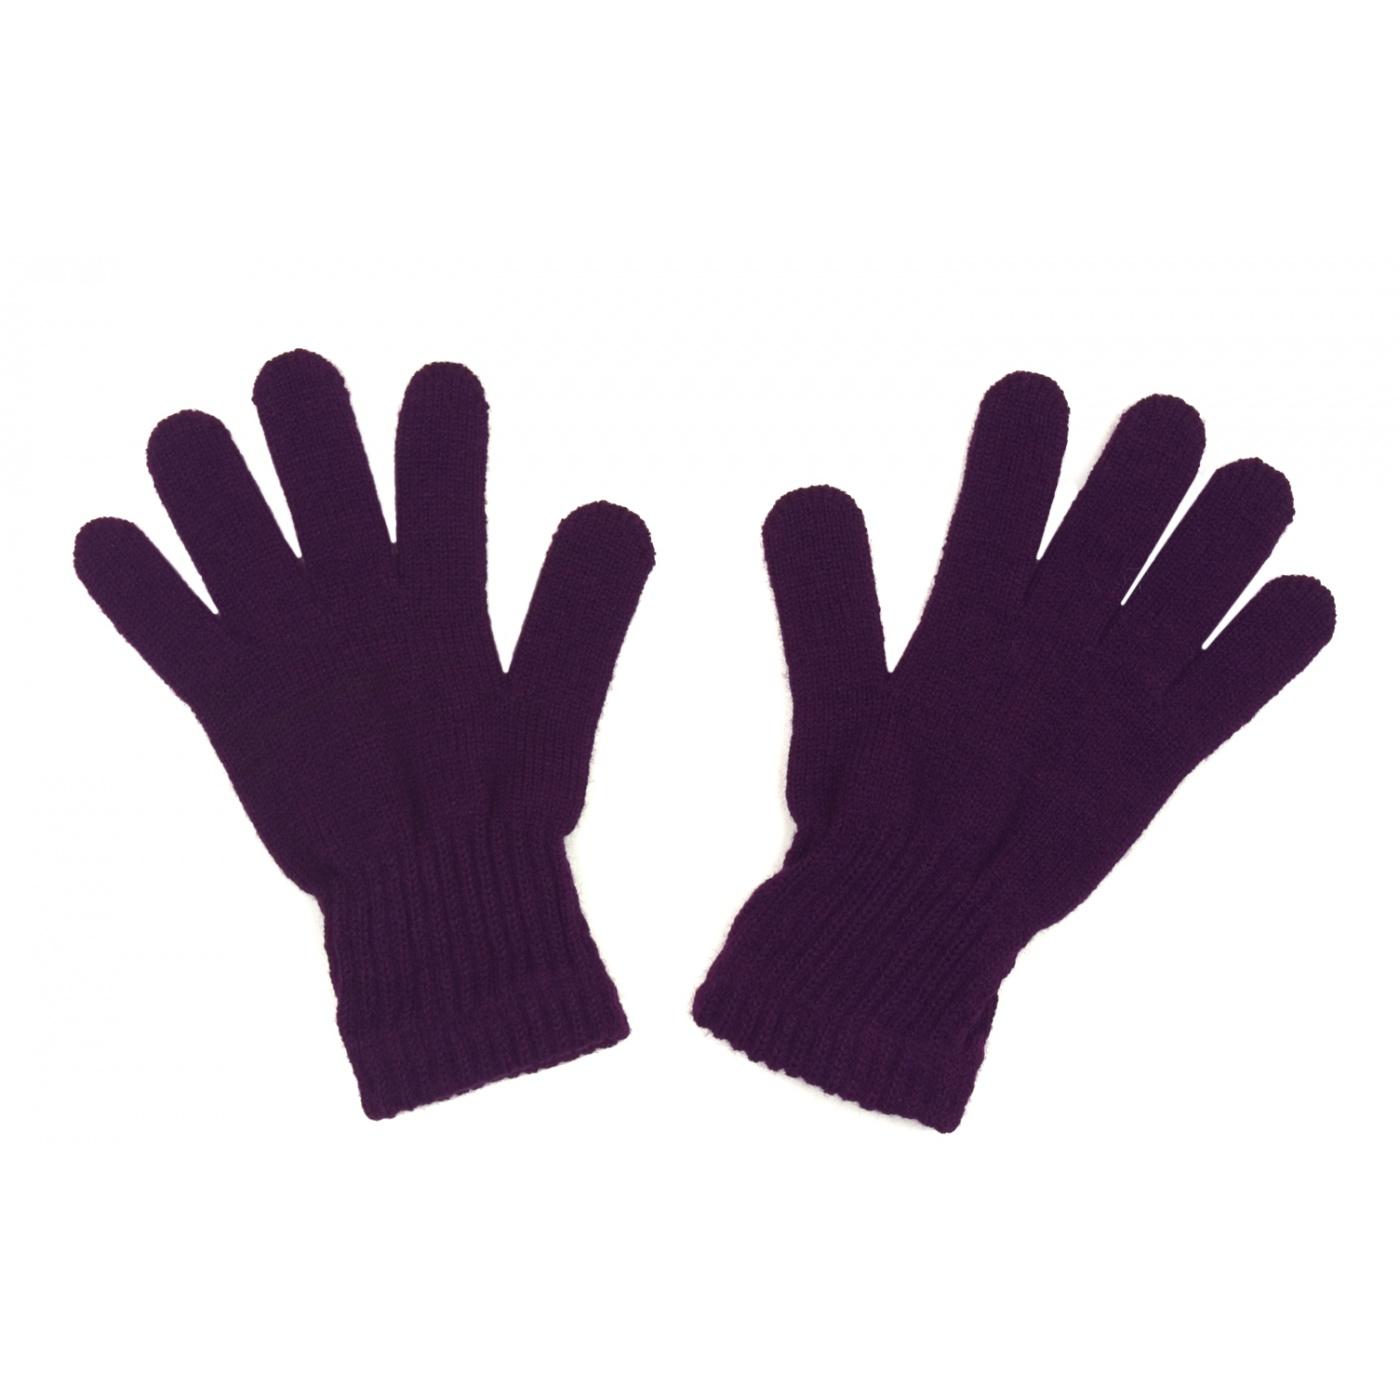 Damskie rękawiczki zimowe: śliwkowe